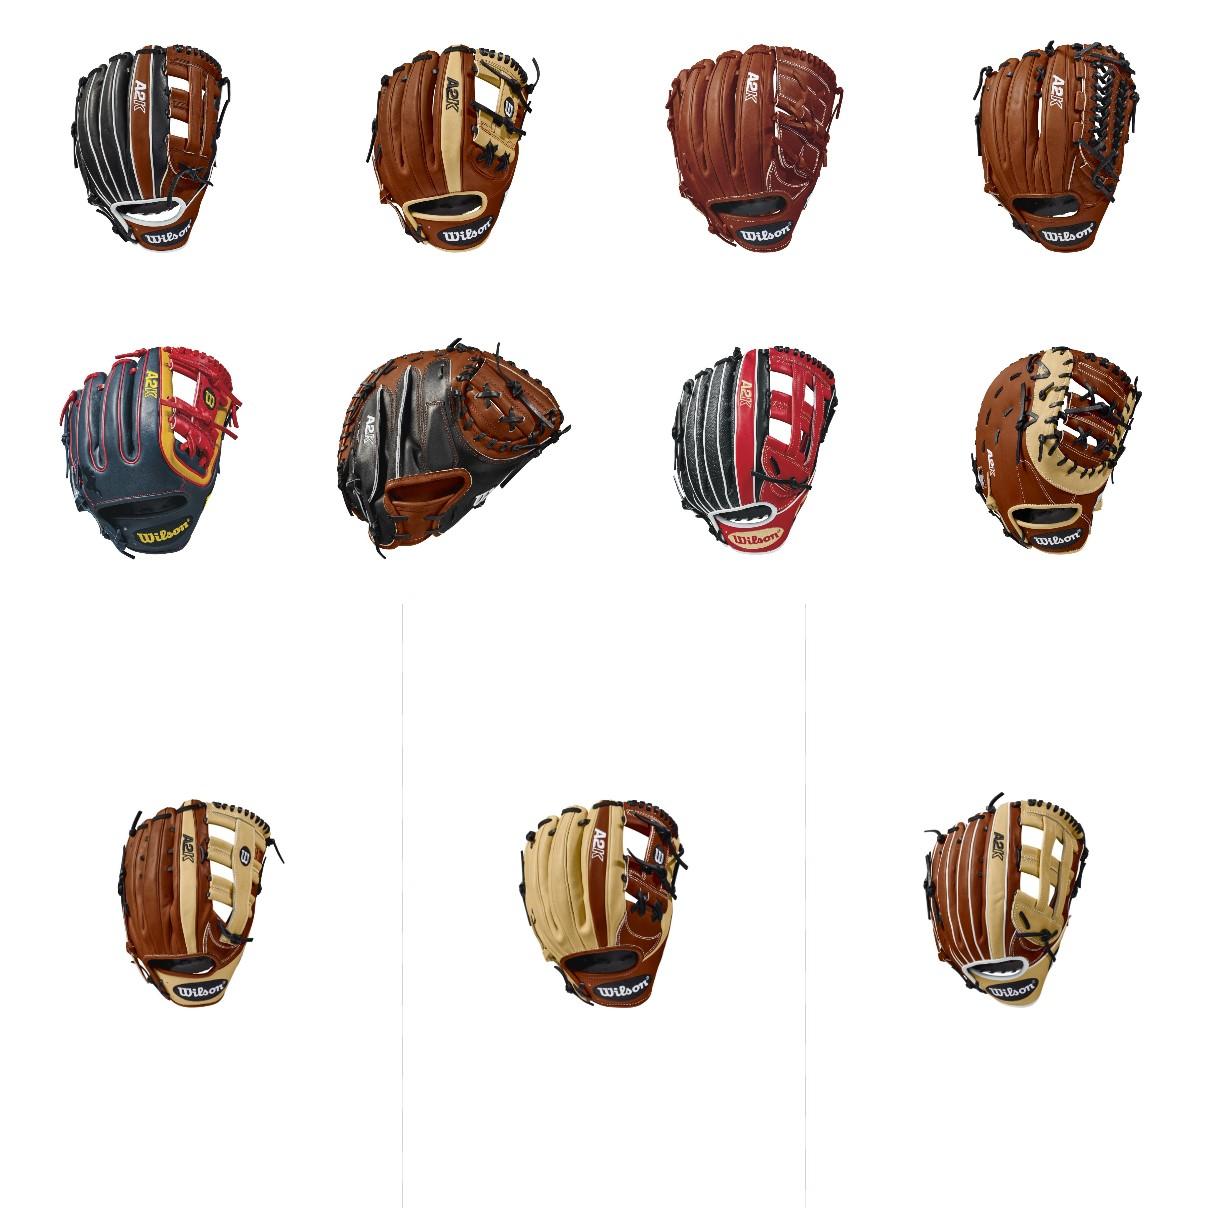 2018 Wilson A2K Gloves